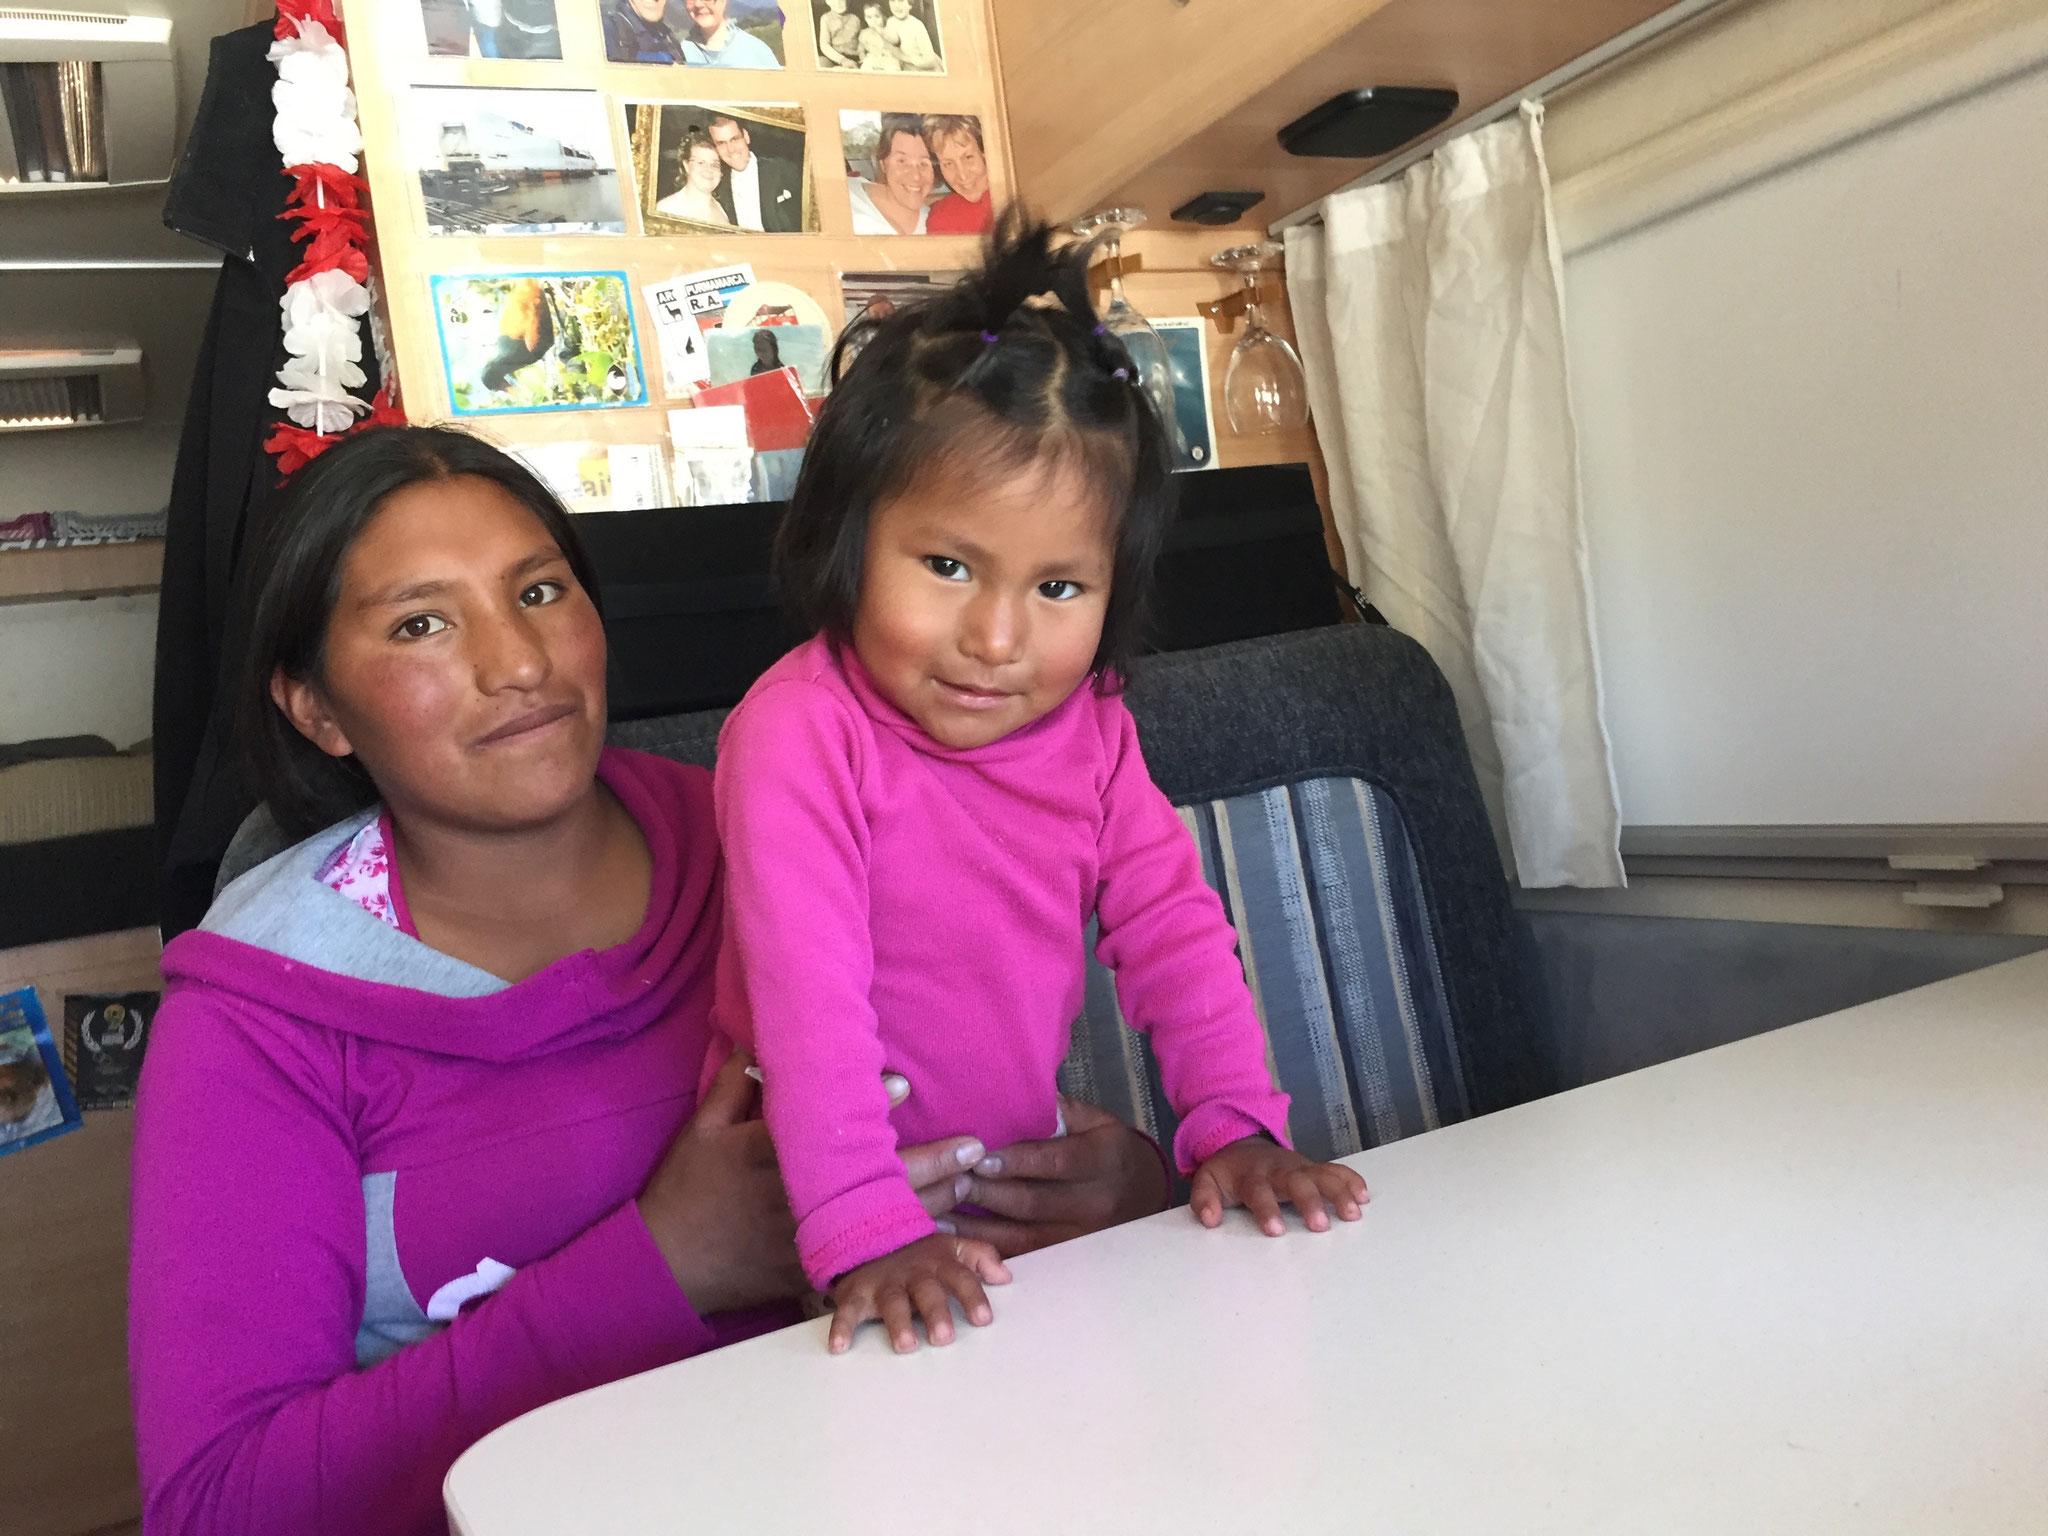 Irma und Tochter Delma machten Autostop, da wegen der Blockade keine Busse fuhren